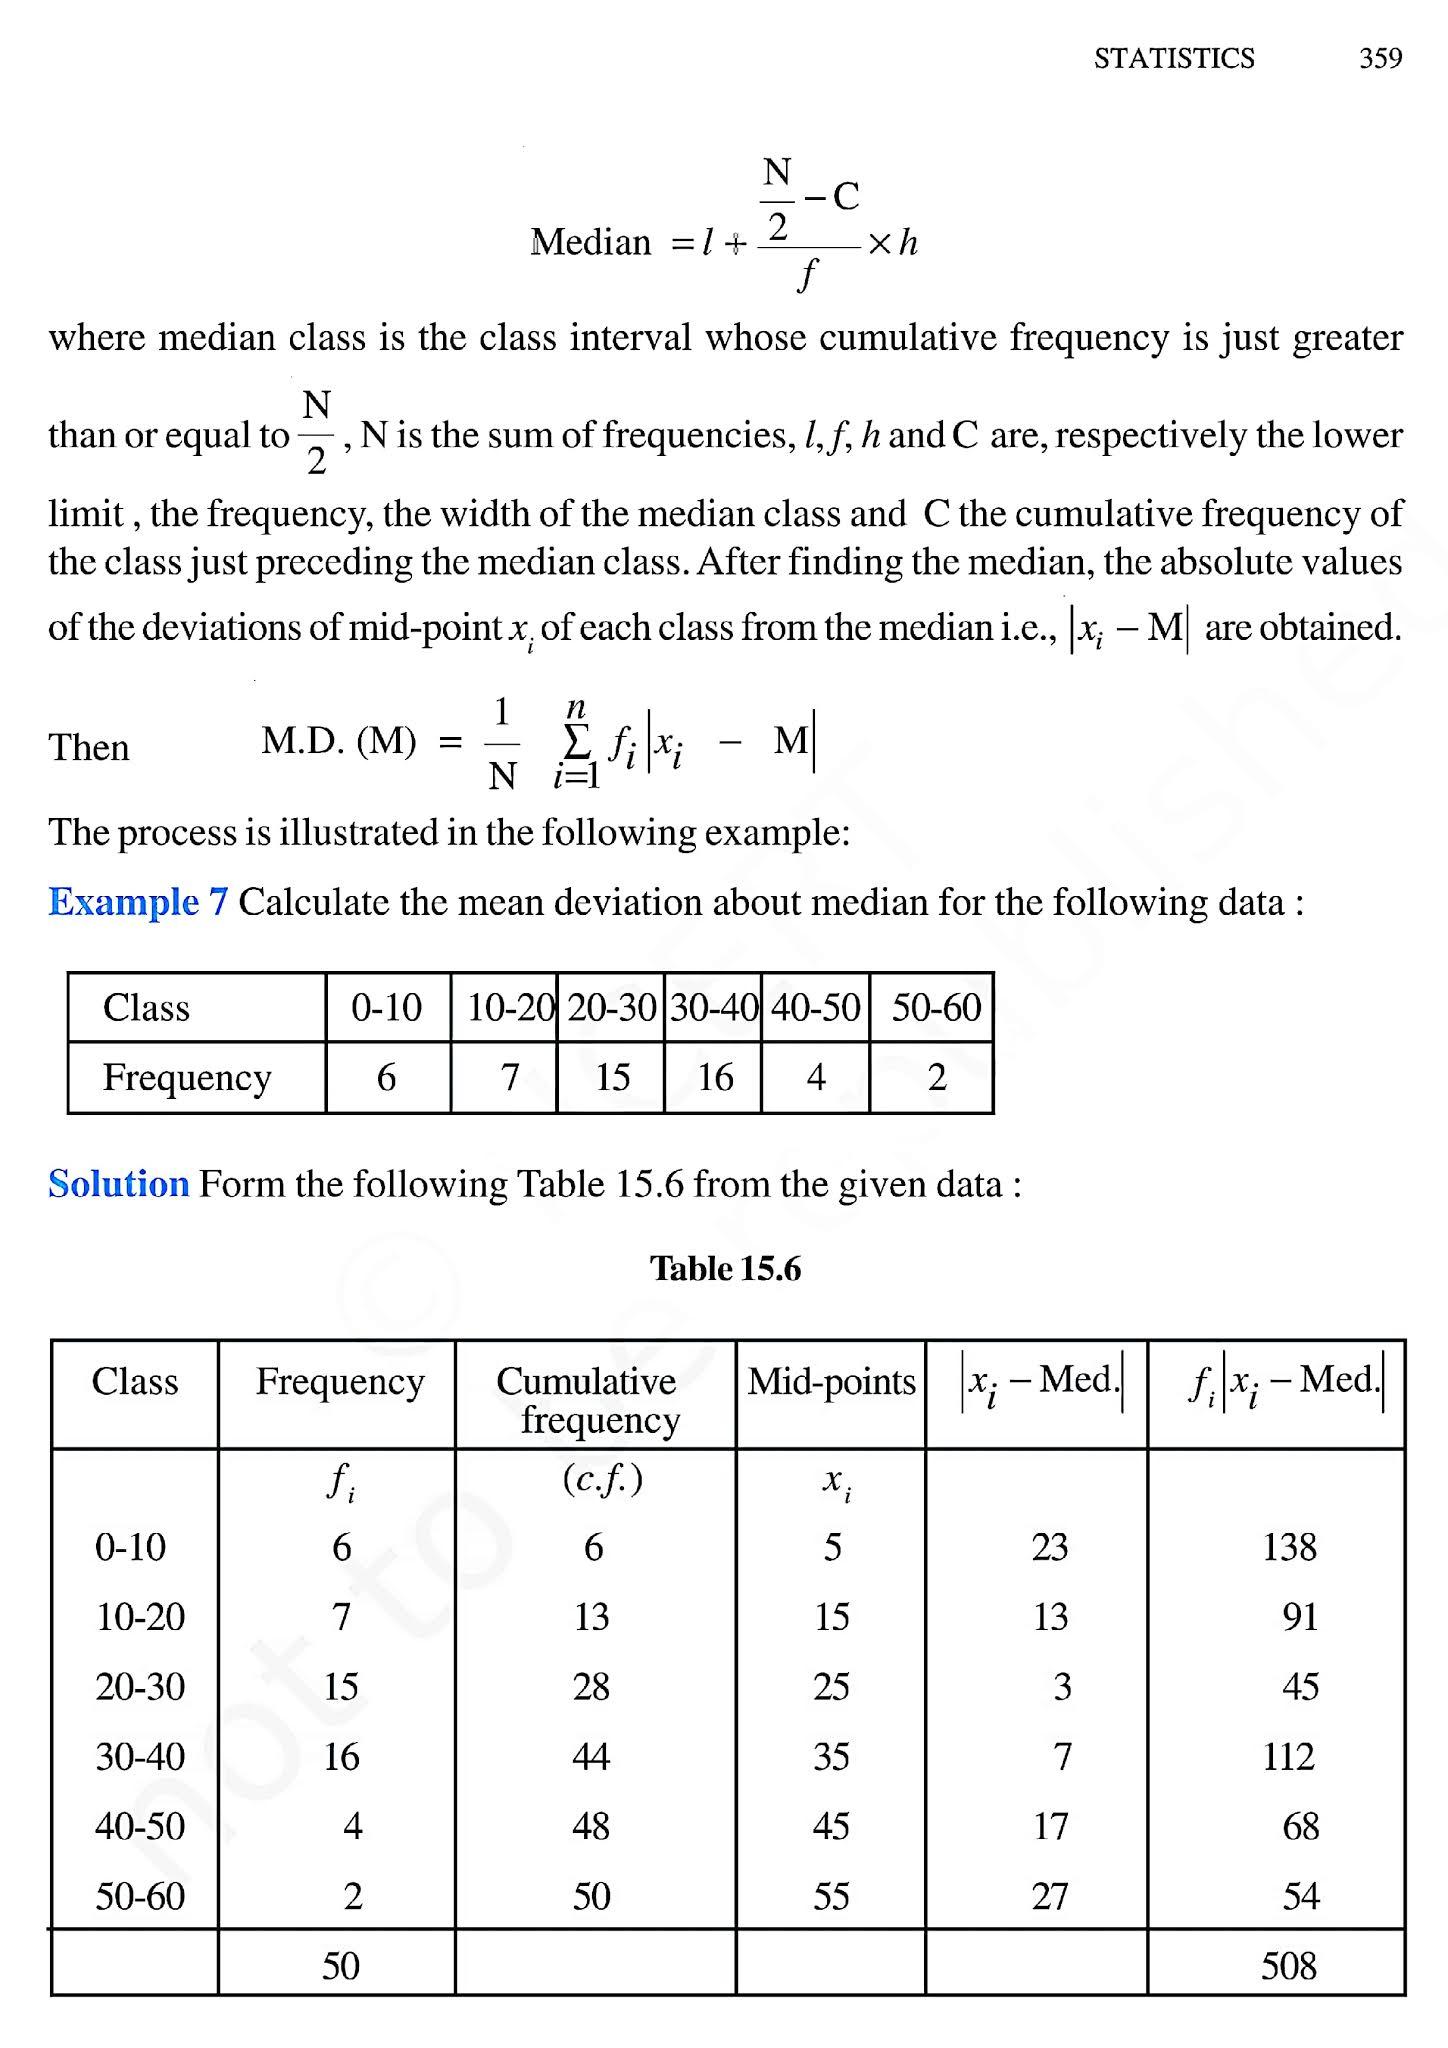 Class 11 Maths Chapter 15 Text Book - English Medium,  11th Maths book in hindi,11th Maths notes in hindi,cbse books for class  11,cbse books in hindi,cbse ncert books,class  11  Maths notes in hindi,class  11 hindi ncert solutions, Maths 2020, Maths 2021, Maths 2022, Maths book class  11, Maths book in hindi, Maths class  11 in hindi, Maths notes for class  11 up board in hindi,ncert all books,ncert app in hindi,ncert book solution,ncert books class 10,ncert books class  11,ncert books for class 7,ncert books for upsc in hindi,ncert books in hindi class 10,ncert books in hindi for class  11  Maths,ncert books in hindi for class 6,ncert books in hindi pdf,ncert class  11 hindi book,ncert english book,ncert  Maths book in hindi,ncert  Maths books in hindi pdf,ncert  Maths class  11,ncert in hindi,old ncert books in hindi,online ncert books in hindi,up board  11th,up board  11th syllabus,up board class 10 hindi book,up board class  11 books,up board class  11 new syllabus,up Board  Maths 2020,up Board  Maths 2021,up Board  Maths 2022,up Board  Maths 2023,up board intermediate  Maths syllabus,up board intermediate syllabus 2021,Up board Master 2021,up board model paper 2021,up board model paper all subject,up board new syllabus of class 11th Maths,up board paper 2021,Up board syllabus 2021,UP board syllabus 2022,   11 वीं मैथ्स पुस्तक हिंदी में,  11 वीं मैथ्स नोट्स हिंदी में, कक्षा  11 के लिए सीबीएससी पुस्तकें, हिंदी में सीबीएससी पुस्तकें, सीबीएससी  पुस्तकें, कक्षा  11 मैथ्स नोट्स हिंदी में, कक्षा  11 हिंदी एनसीईआरटी समाधान, मैथ्स 2020, मैथ्स 2021, मैथ्स 2022, मैथ्स  बुक क्लास  11, मैथ्स बुक इन हिंदी, बायोलॉजी क्लास  11 हिंदी में, मैथ्स नोट्स इन क्लास  11 यूपी  बोर्ड इन हिंदी, एनसीईआरटी मैथ्स की किताब हिंदी में,  बोर्ड  11 वीं तक,  11 वीं तक की पाठ्यक्रम, बोर्ड कक्षा 10 की हिंदी पुस्तक  , बोर्ड की कक्षा  11 की किताबें, बोर्ड की कक्षा  11 की नई पाठ्यक्रम, बोर्ड मैथ्स 2020, यूपी   बोर्ड मैथ्स 2021, यूपी  बोर्ड मैथ्स 2022, यूपी  बोर्ड मैथ्स 2023, यूपी  बोर्ड इंटरमीडिएट बा